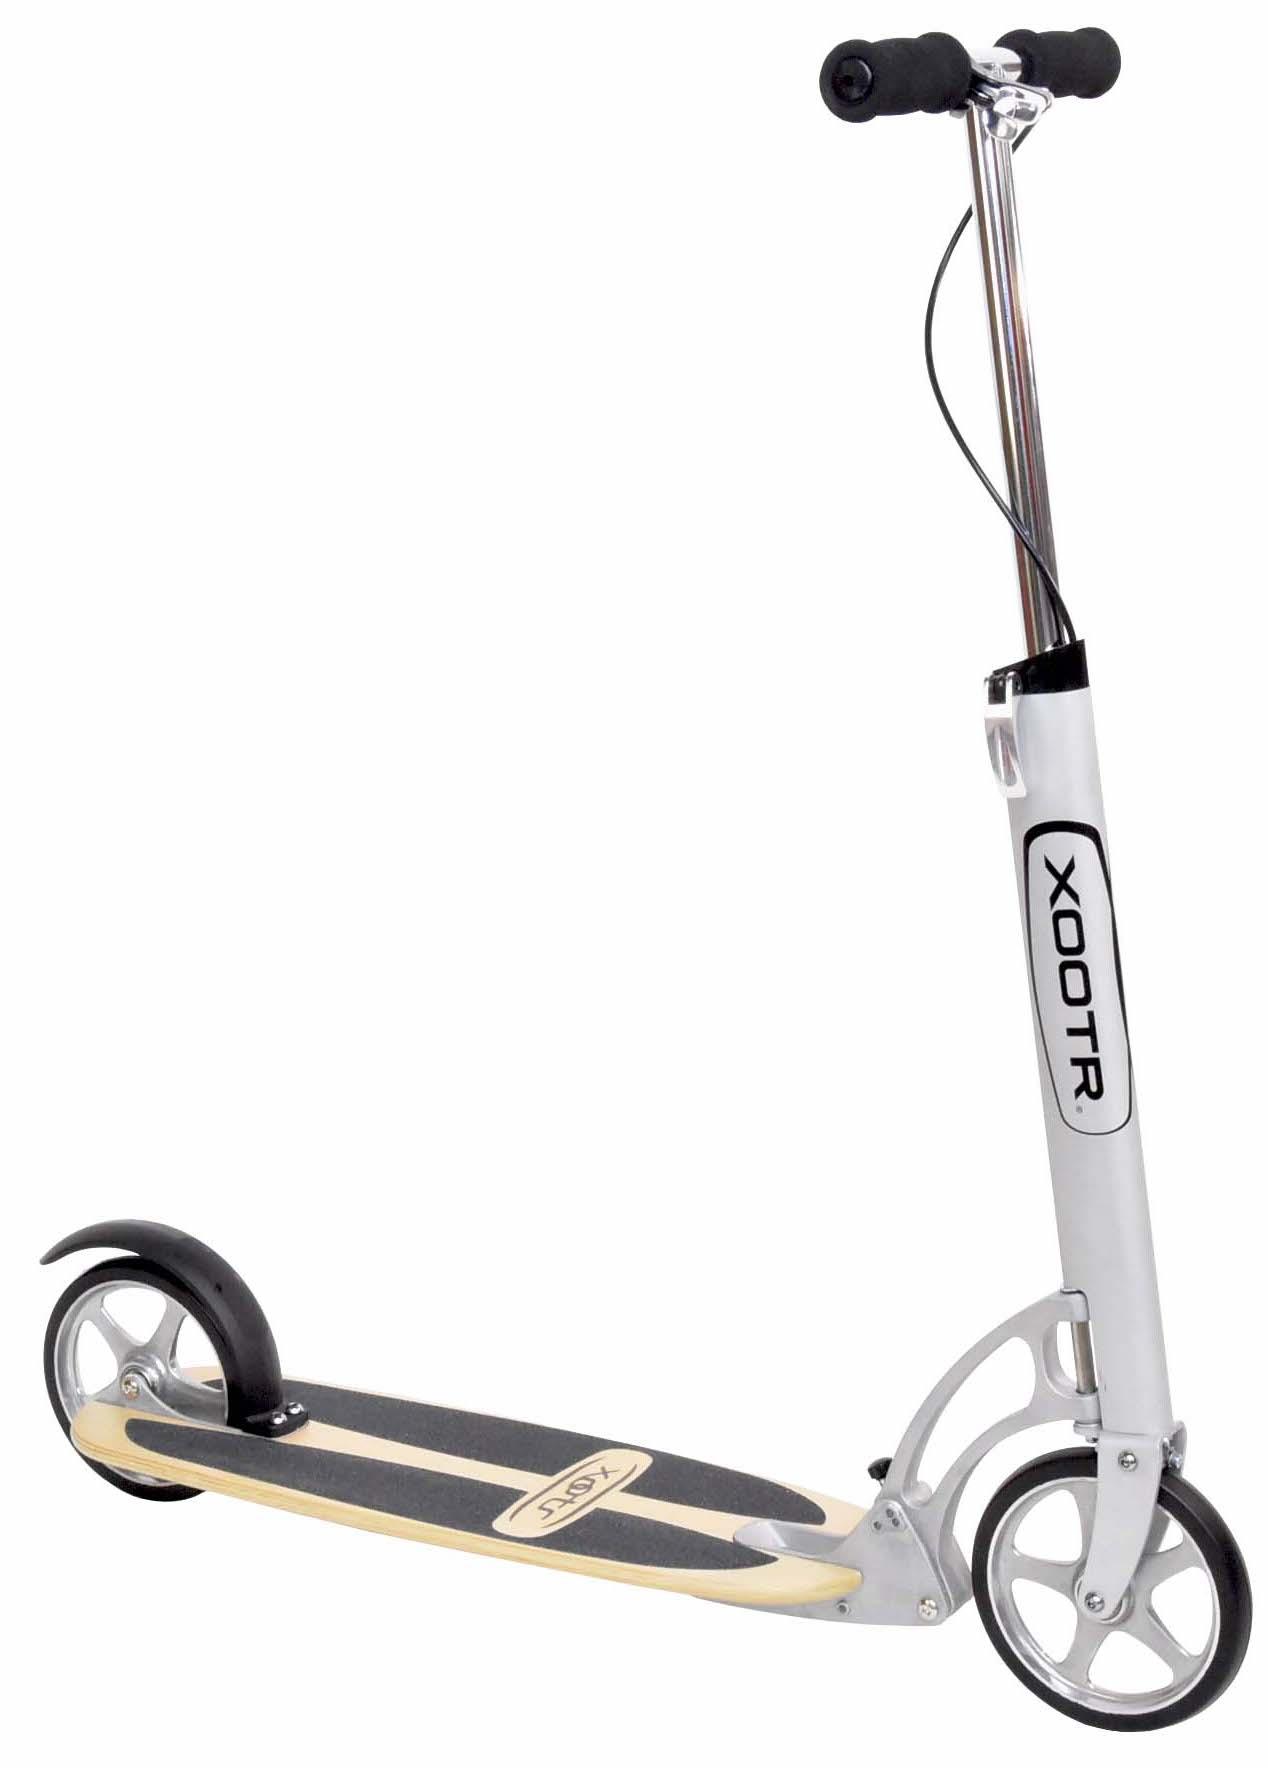 Xootr-Cruz-Quick Click